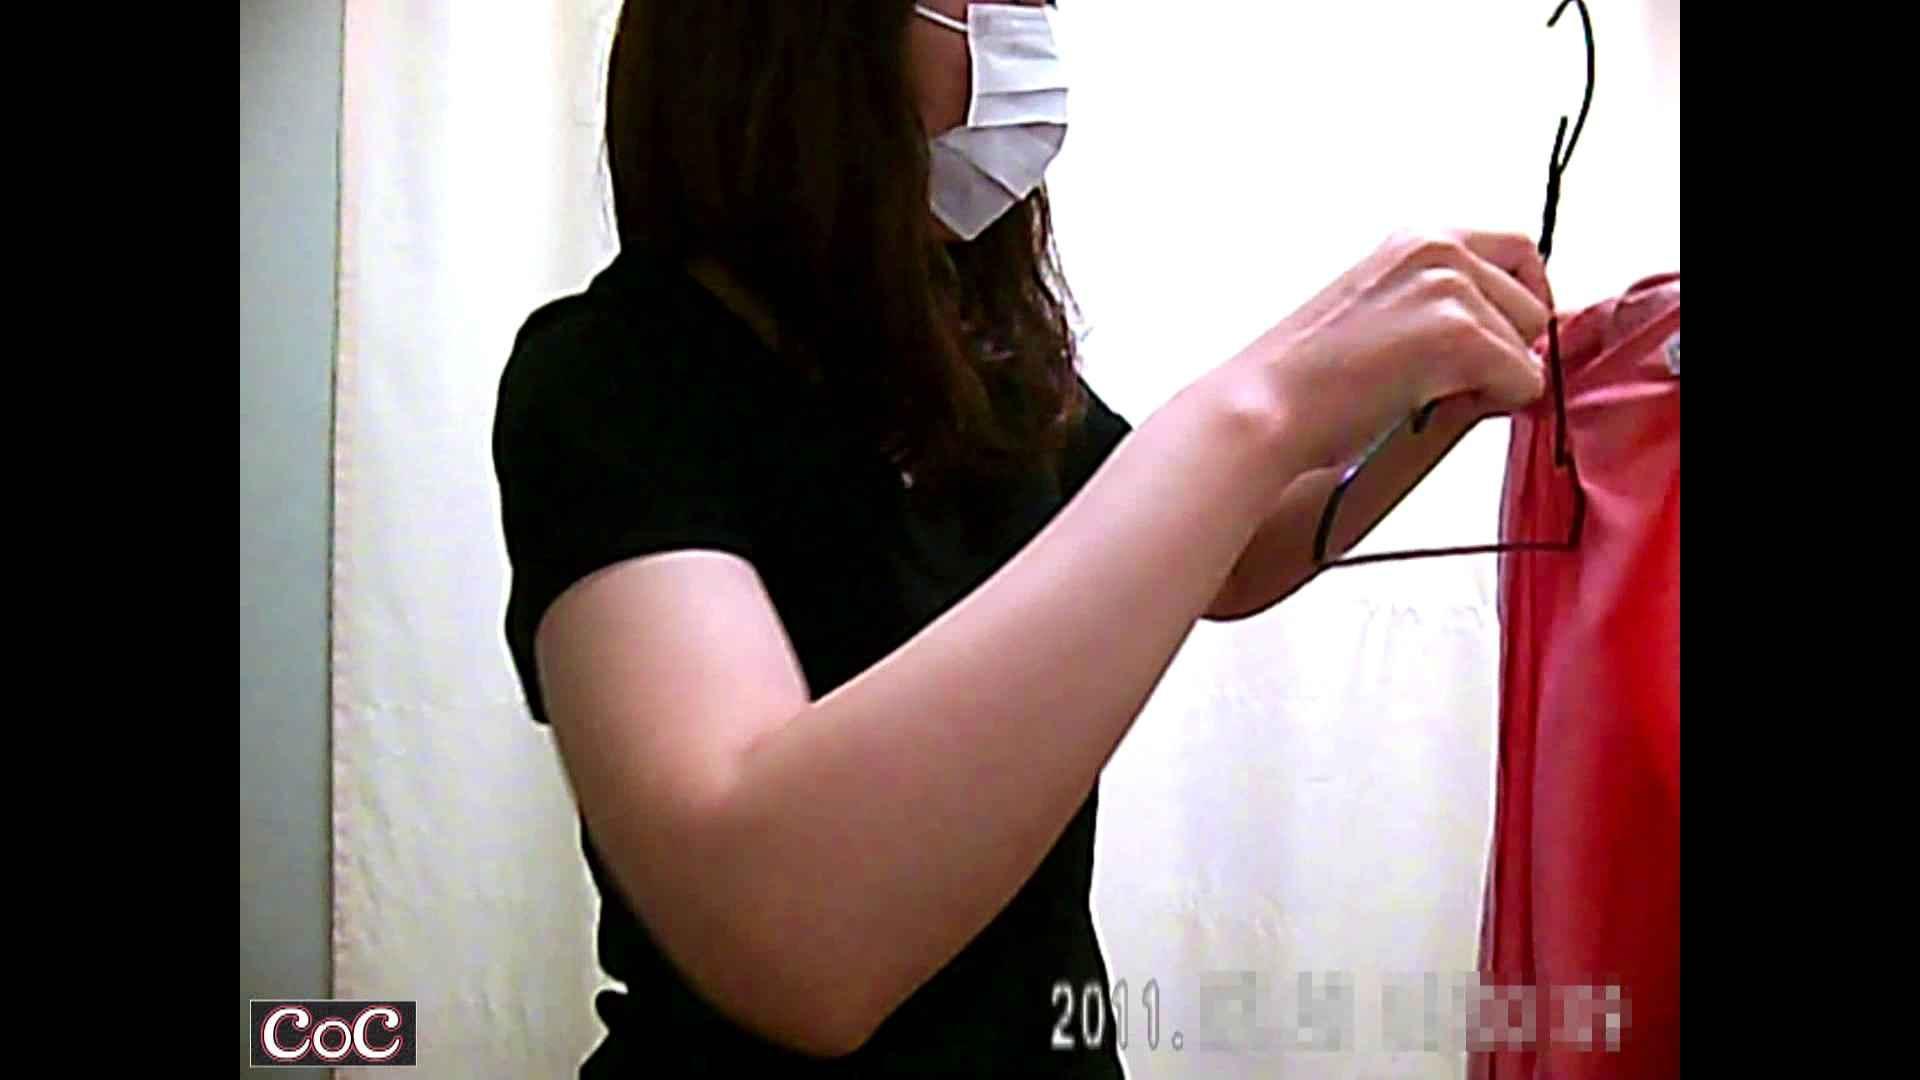 病院おもいっきり着替え! vol.04 乳首 エロ画像 107pic 67